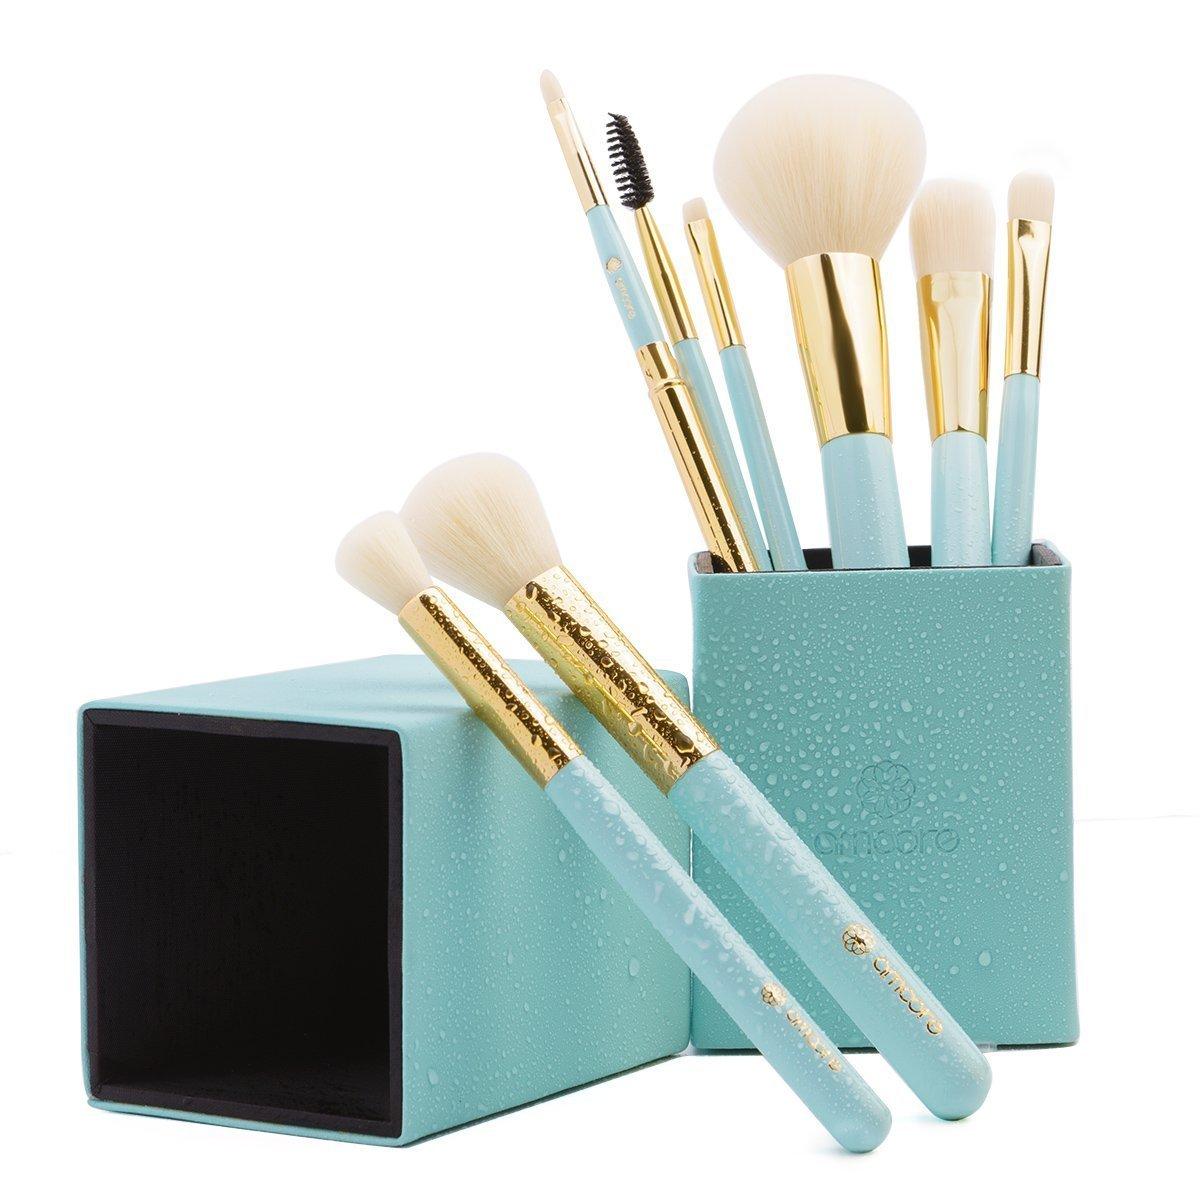 amoore 8 pcs Makeup Brush Set with Makeup Brushes Holder Foundation Brush Powder Brush for Blush Eyeshadow Eyelash Eyebrow and Lip (8 Pcs, Mint Green)